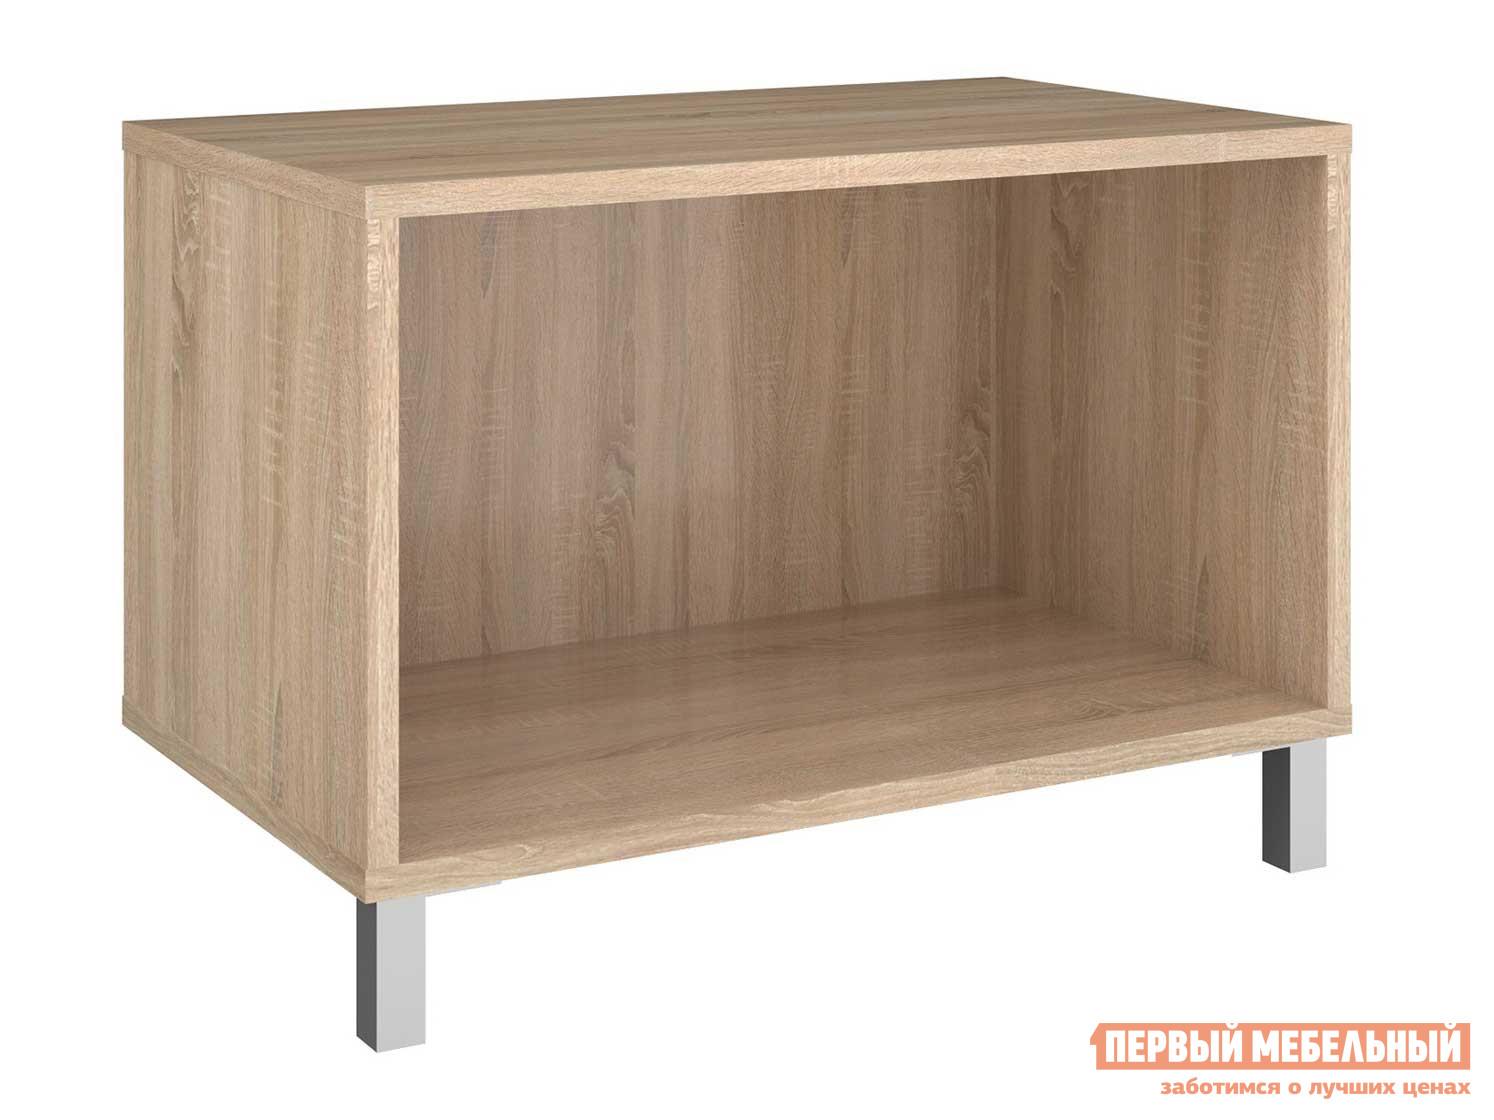 Каркас шкафа Первый Мебельный Каркас низкий, Прадо цена в Москве и Питере